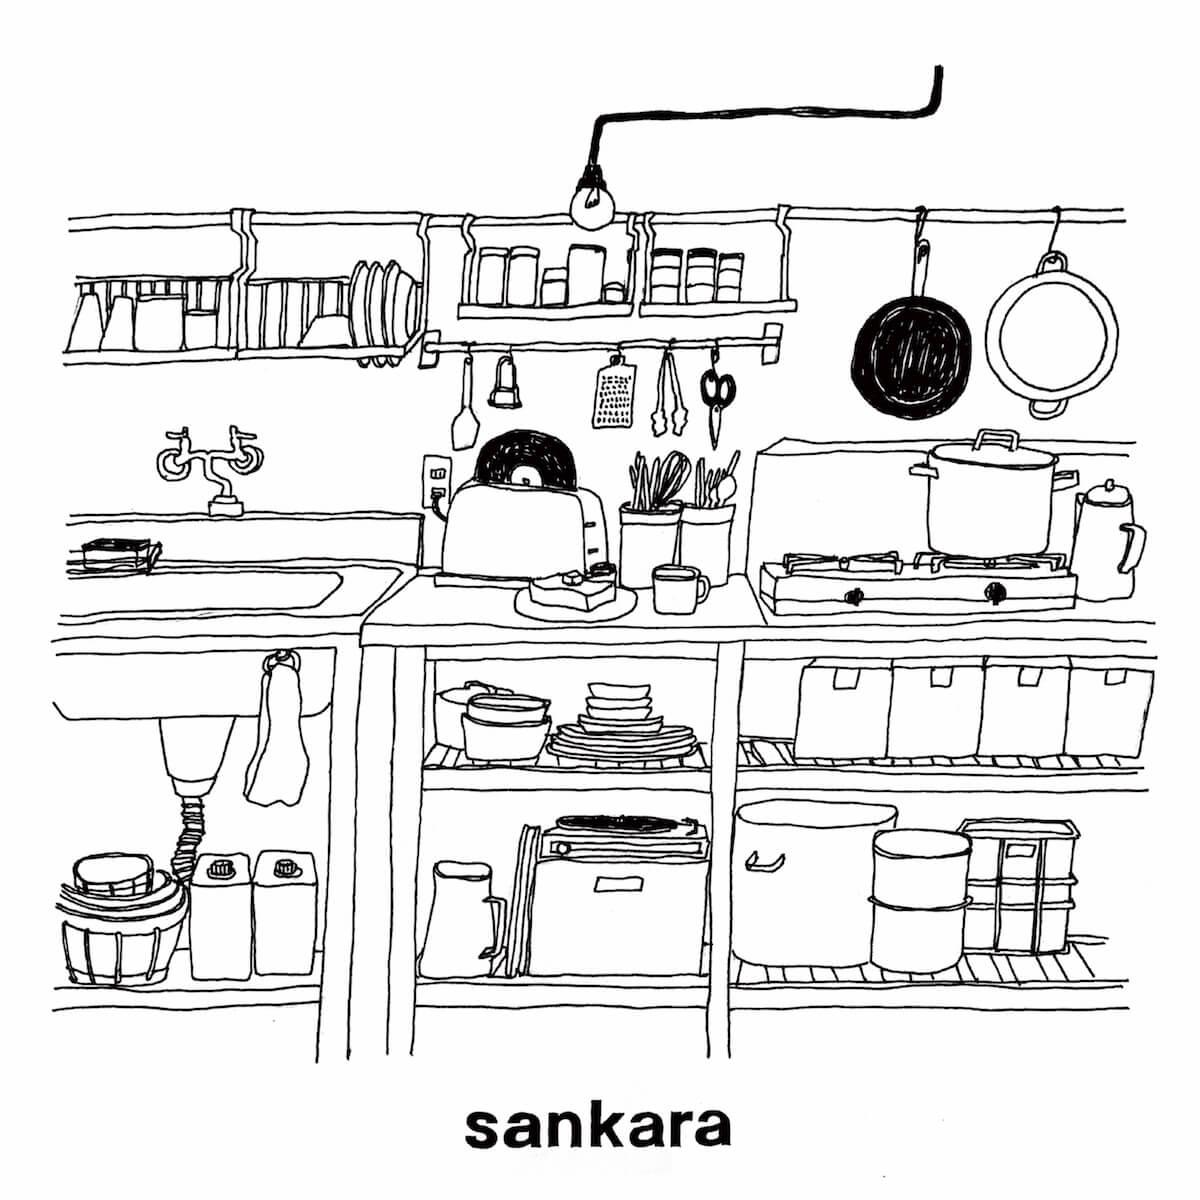 新レーベルRure Recordsより、Opus Innとsankaraの作品が同時リリース Wリリース・パーティが東京と大阪で決定 music190514_opusinn_sankara_3